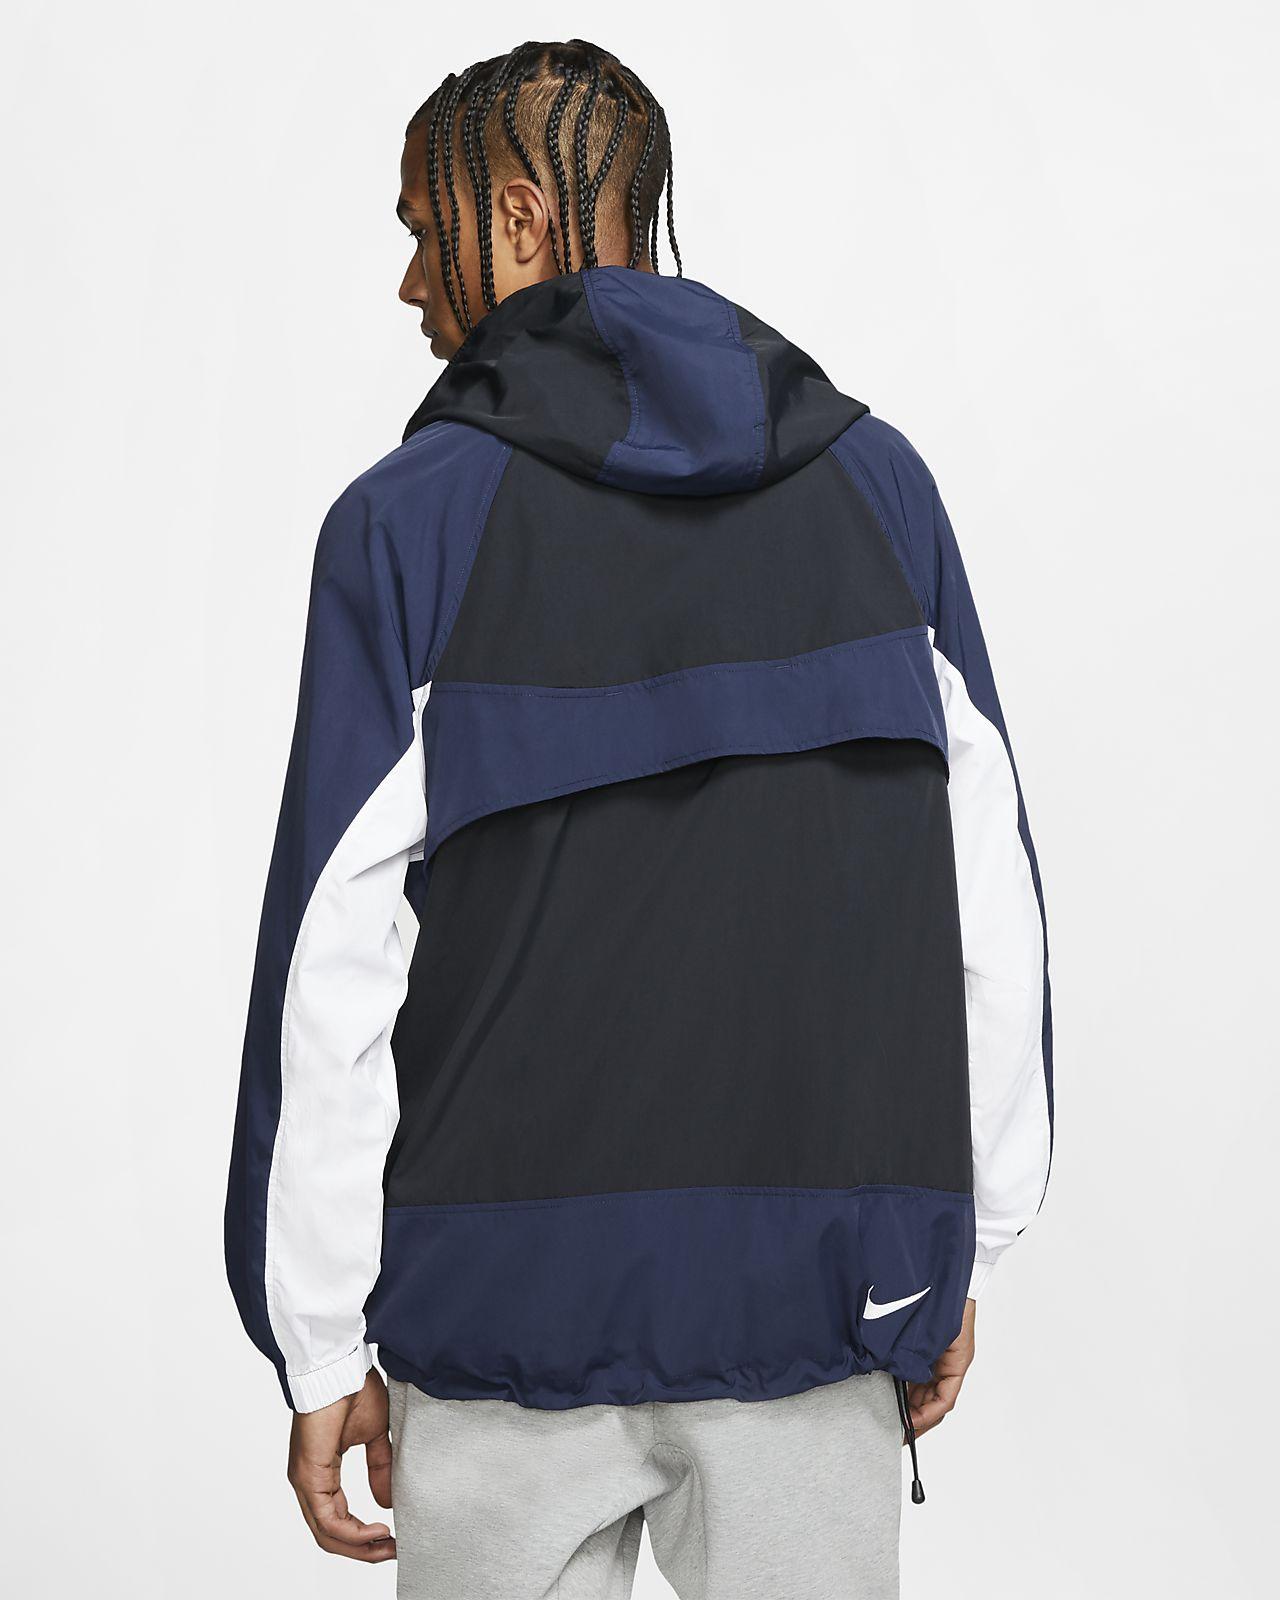 Nike Sportwear Re Issue Jacket Hoodie BV5385 010